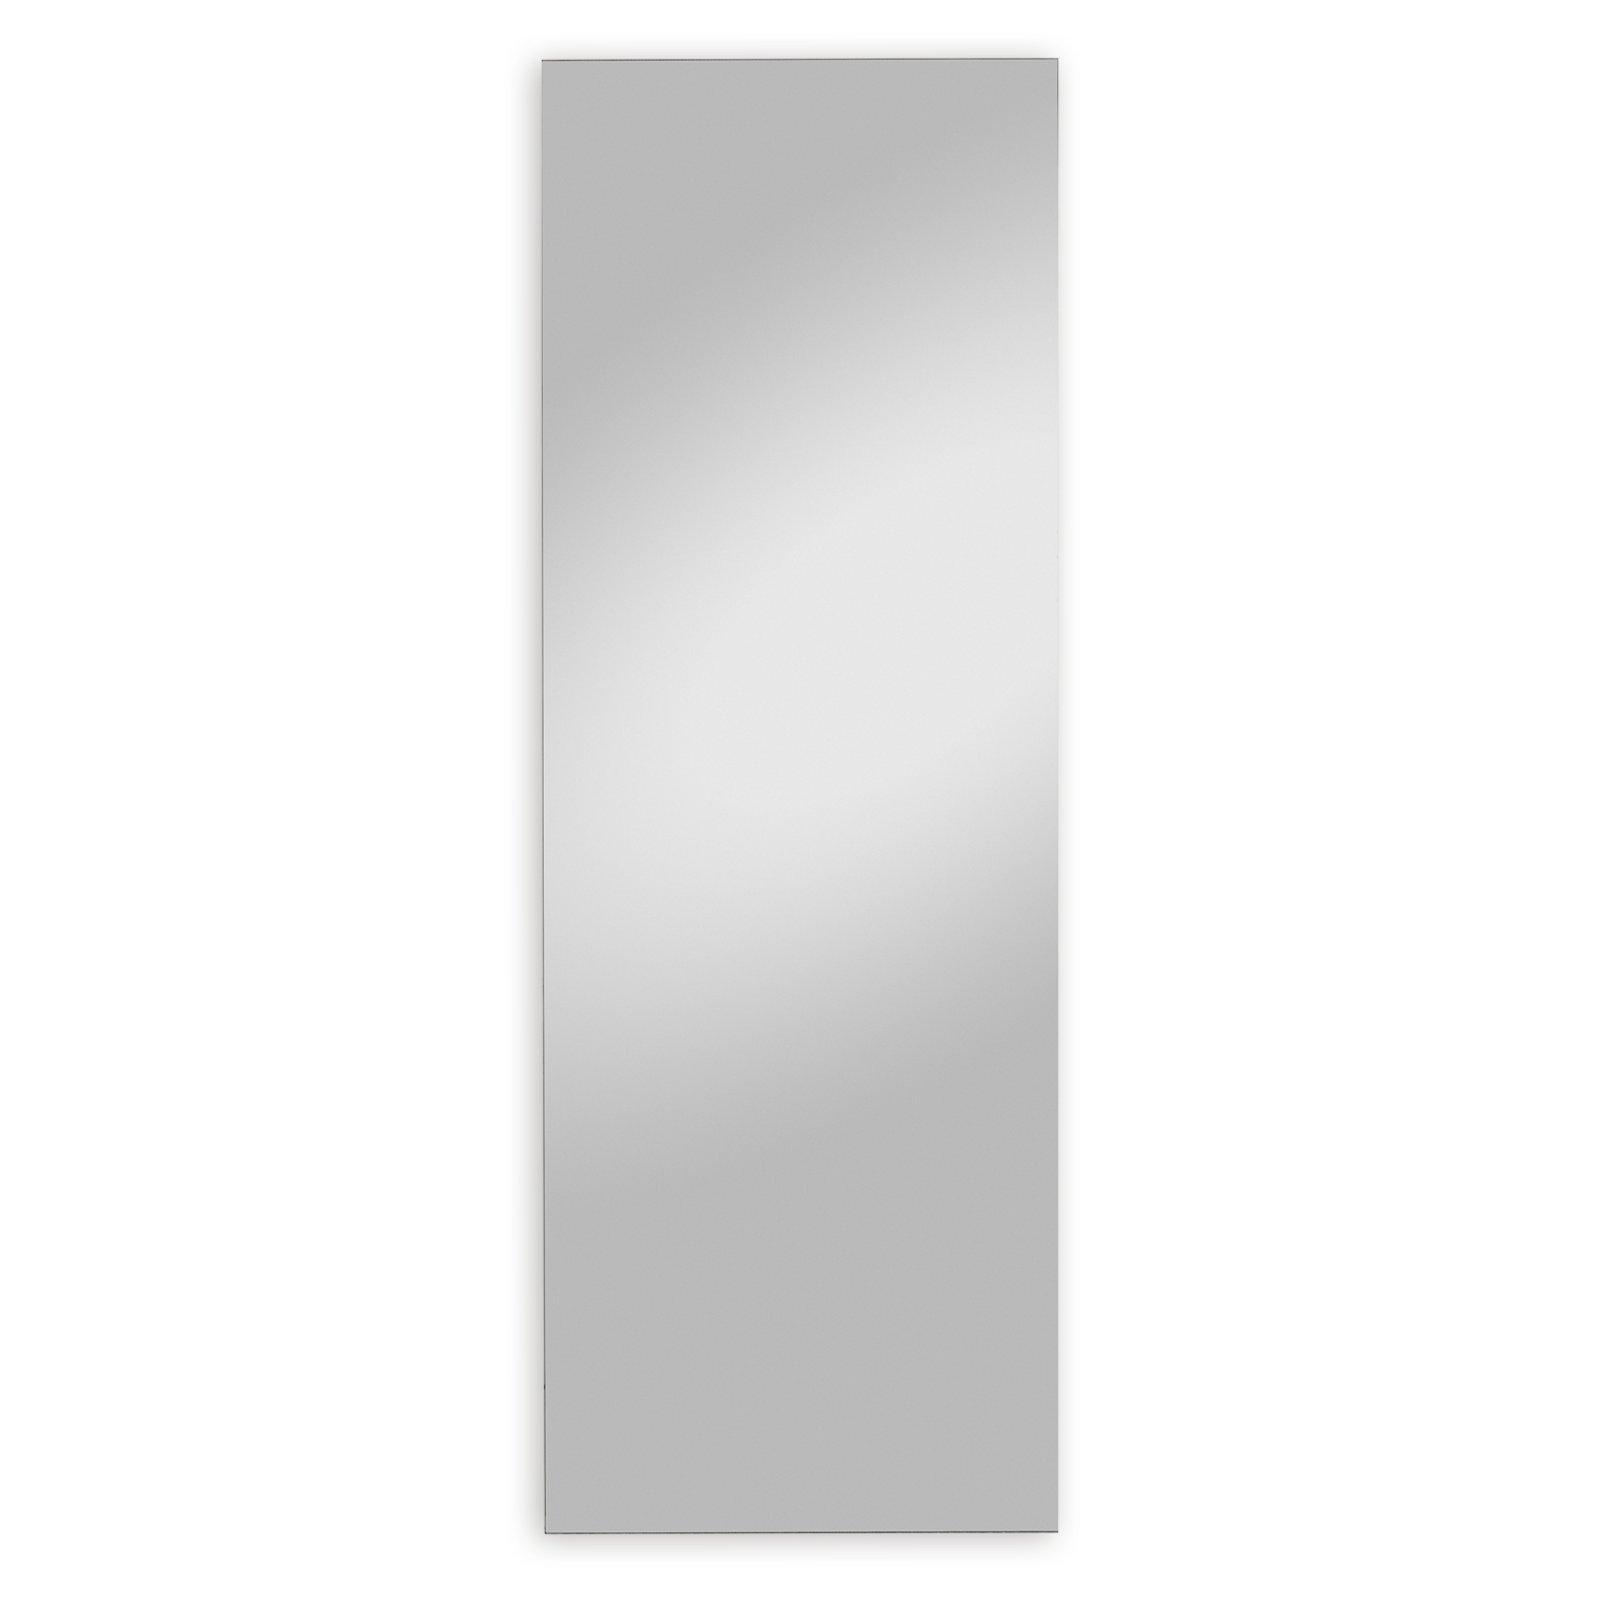 Klebespiegel TIM - mit Klebeband - 39x111 cm